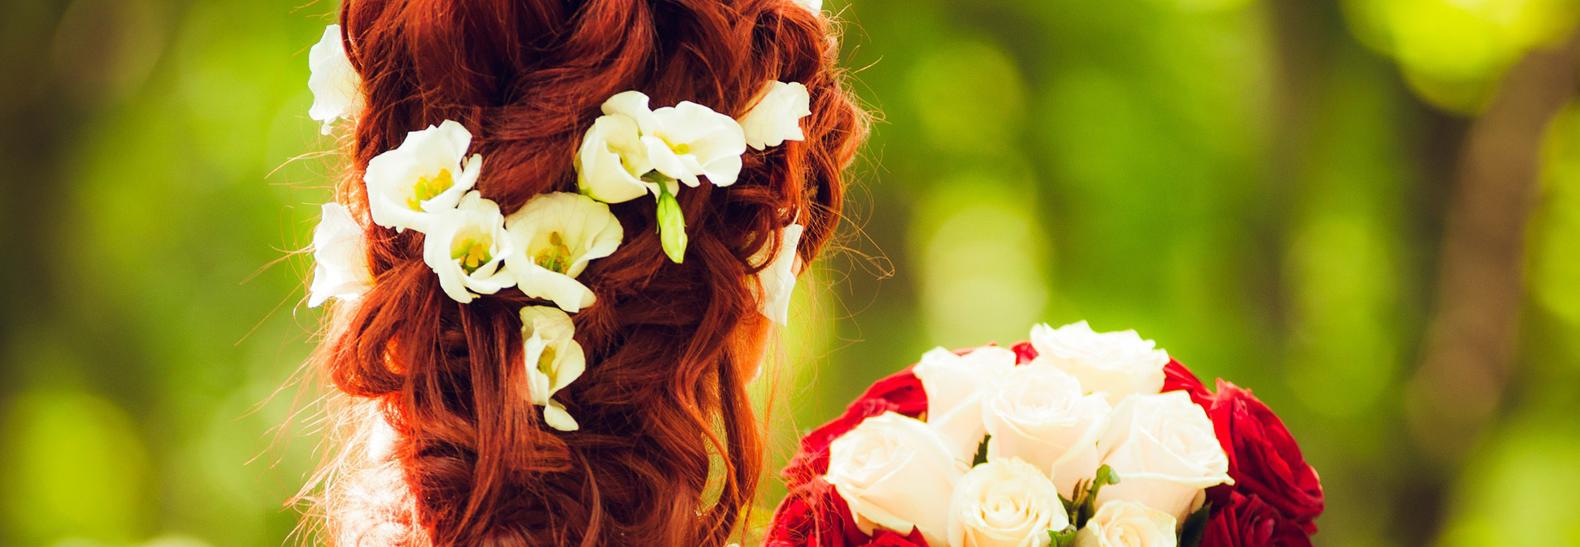 scegliere acconciatura perfetta per il proprio matrimonio